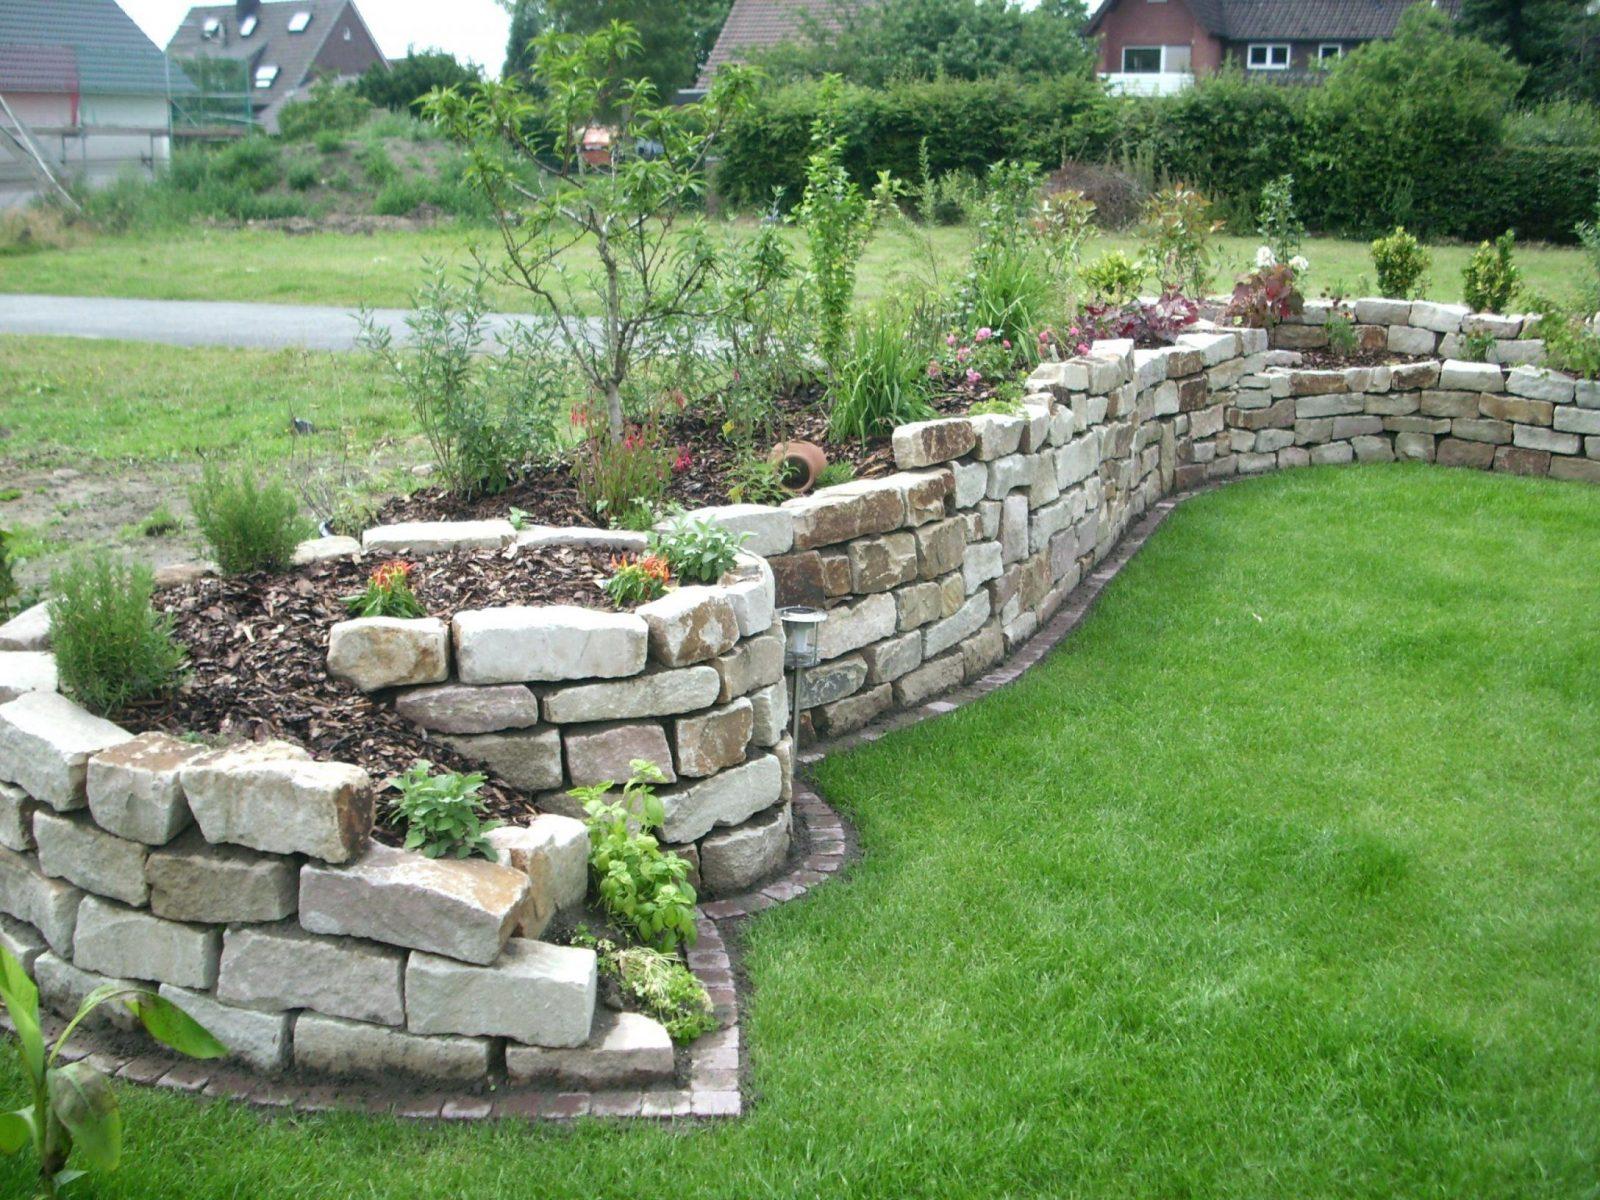 Steinmauer Bauen  Schanes Tolles Garten Gestaltung Deko von Steinmauern Im Garten Selber Bauen Photo